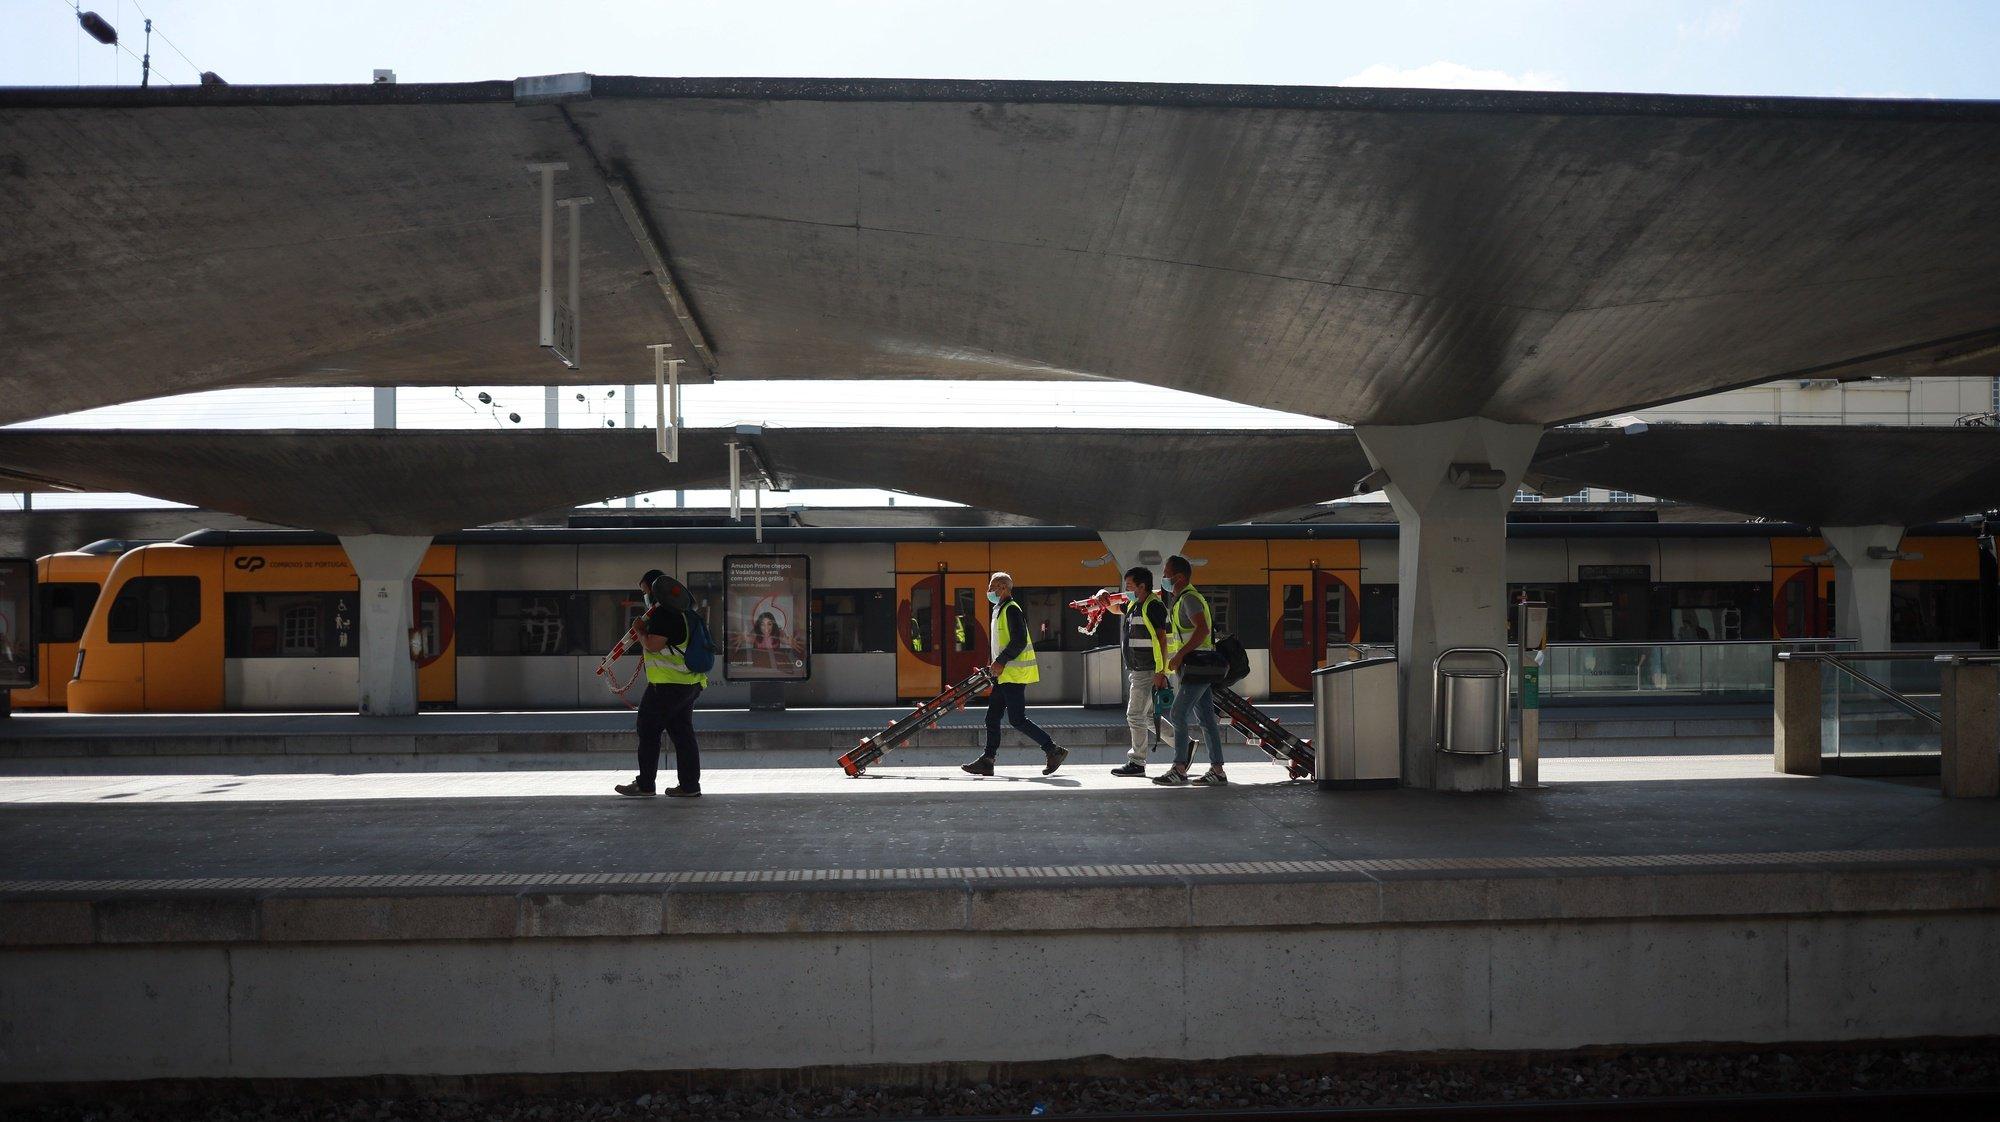 A CP realizou 184 das 256 ligações ferroviárias que tinha programadas até às 08:00, devido à greve dos trabalhadores da empresa Infraestruturas de Portugal (IP) e suas filiadas, tendo sido suprimidos 72 comboios, segundo fonte oficial da empresa, estação de Campanha no Porto, 28 de junho de 2021. ESTELA SILVA/LUSA